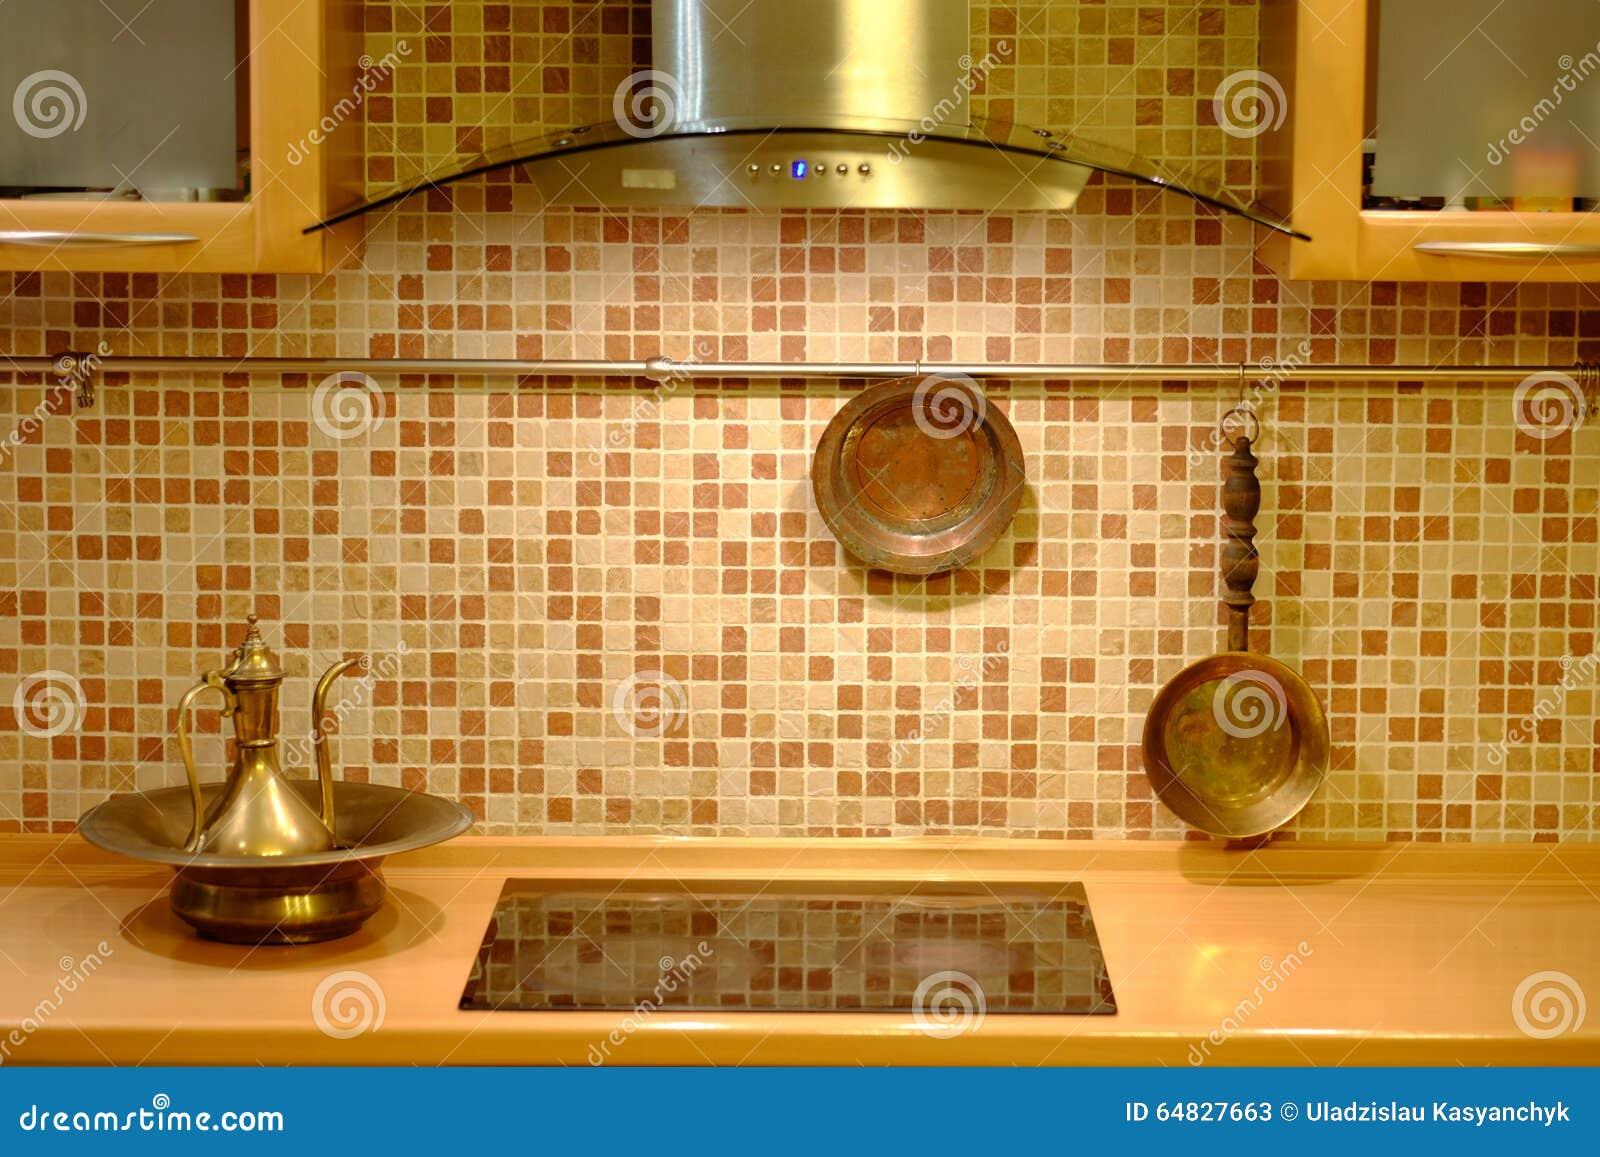 Kupfernes Kochgeschirr Auf Kuchenwand Stockbild Bild Von Innen